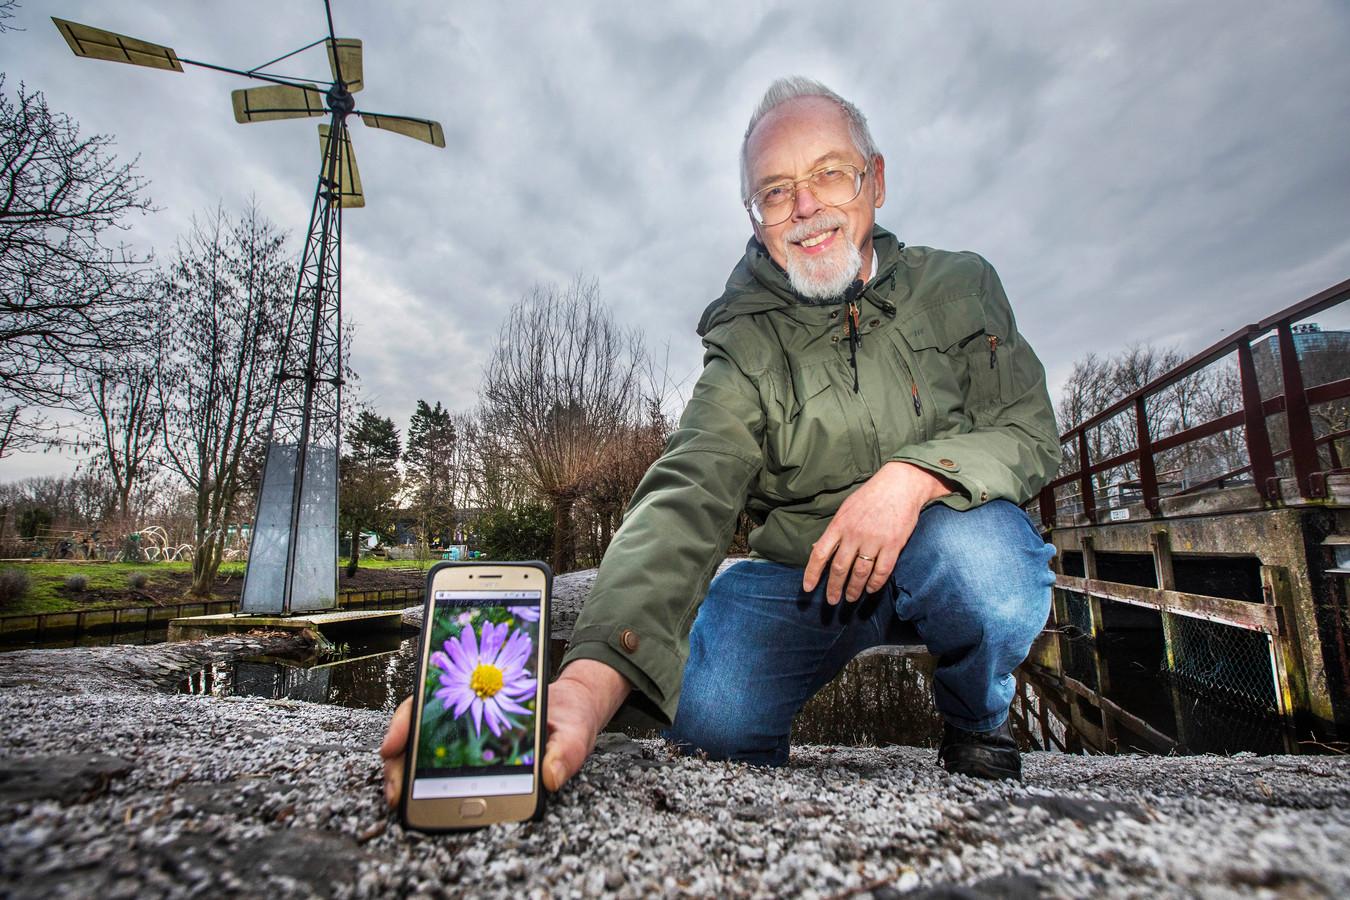 Teun Spaans met zijn foto van een aster die op internet tientallen miljoenen keren werd opgevraagd.